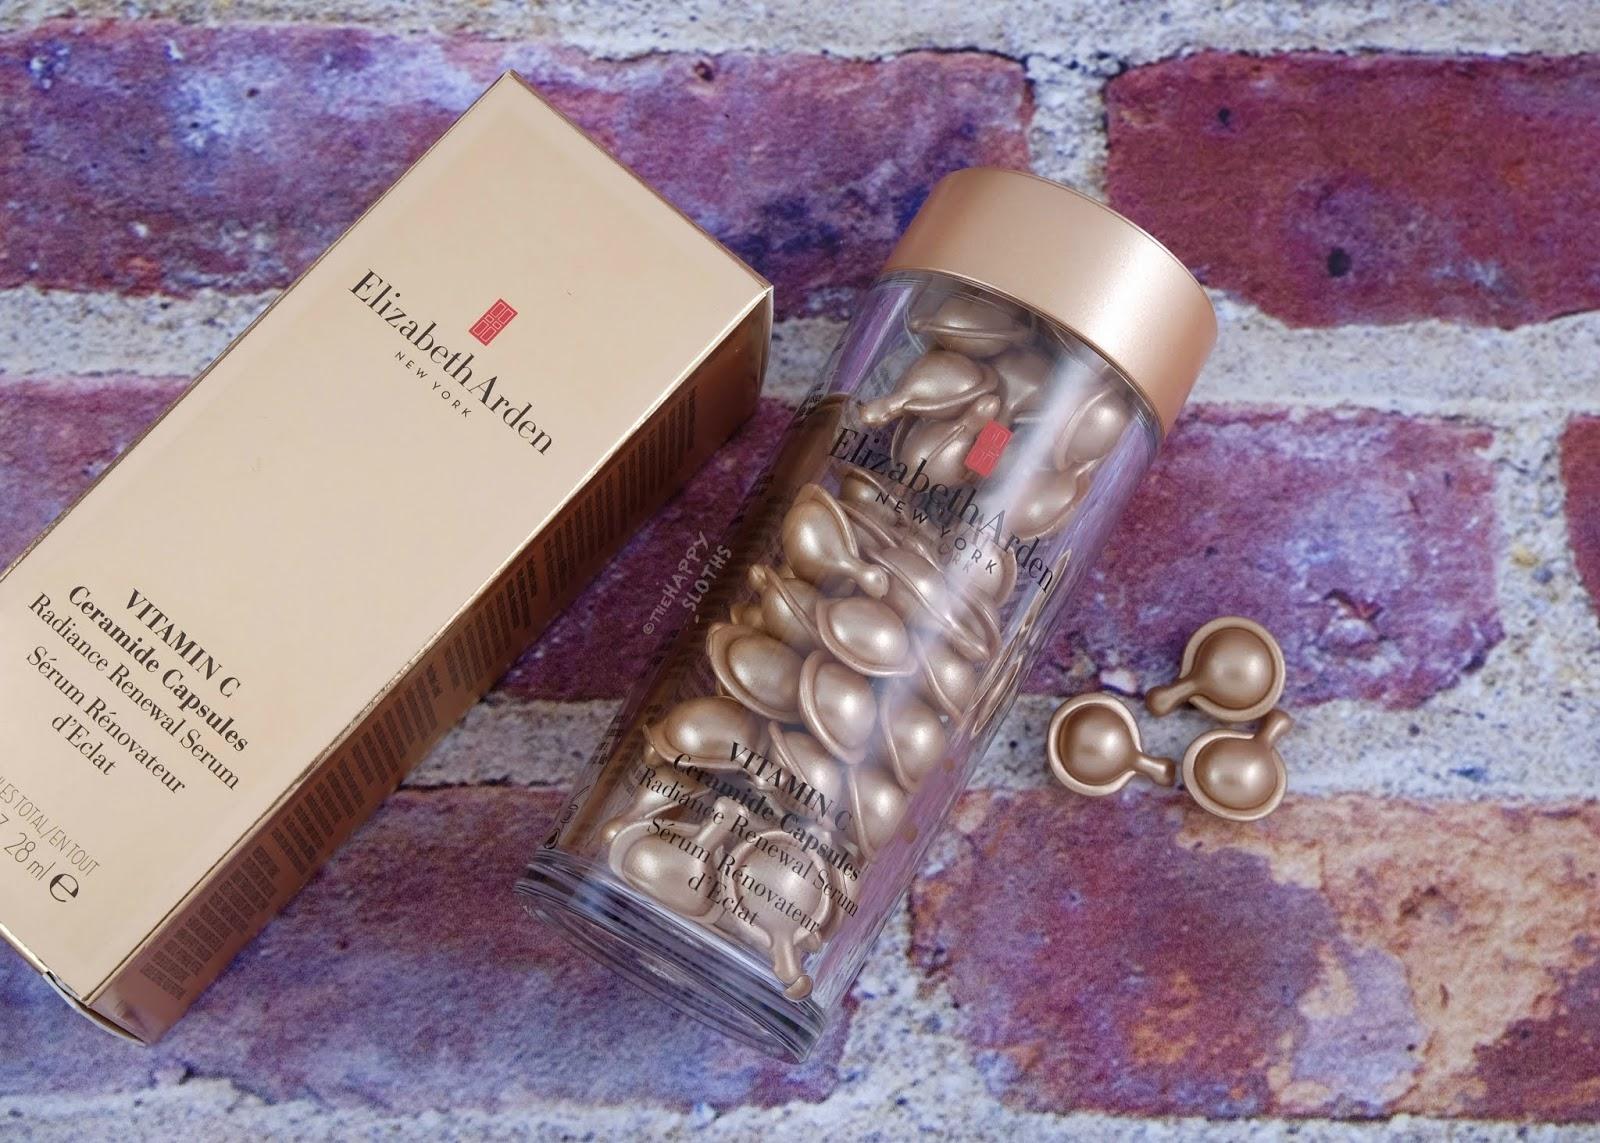 Elizabeth Arden | Vitamin C Ceramide Capsules Radiance Renewal Serum: Review